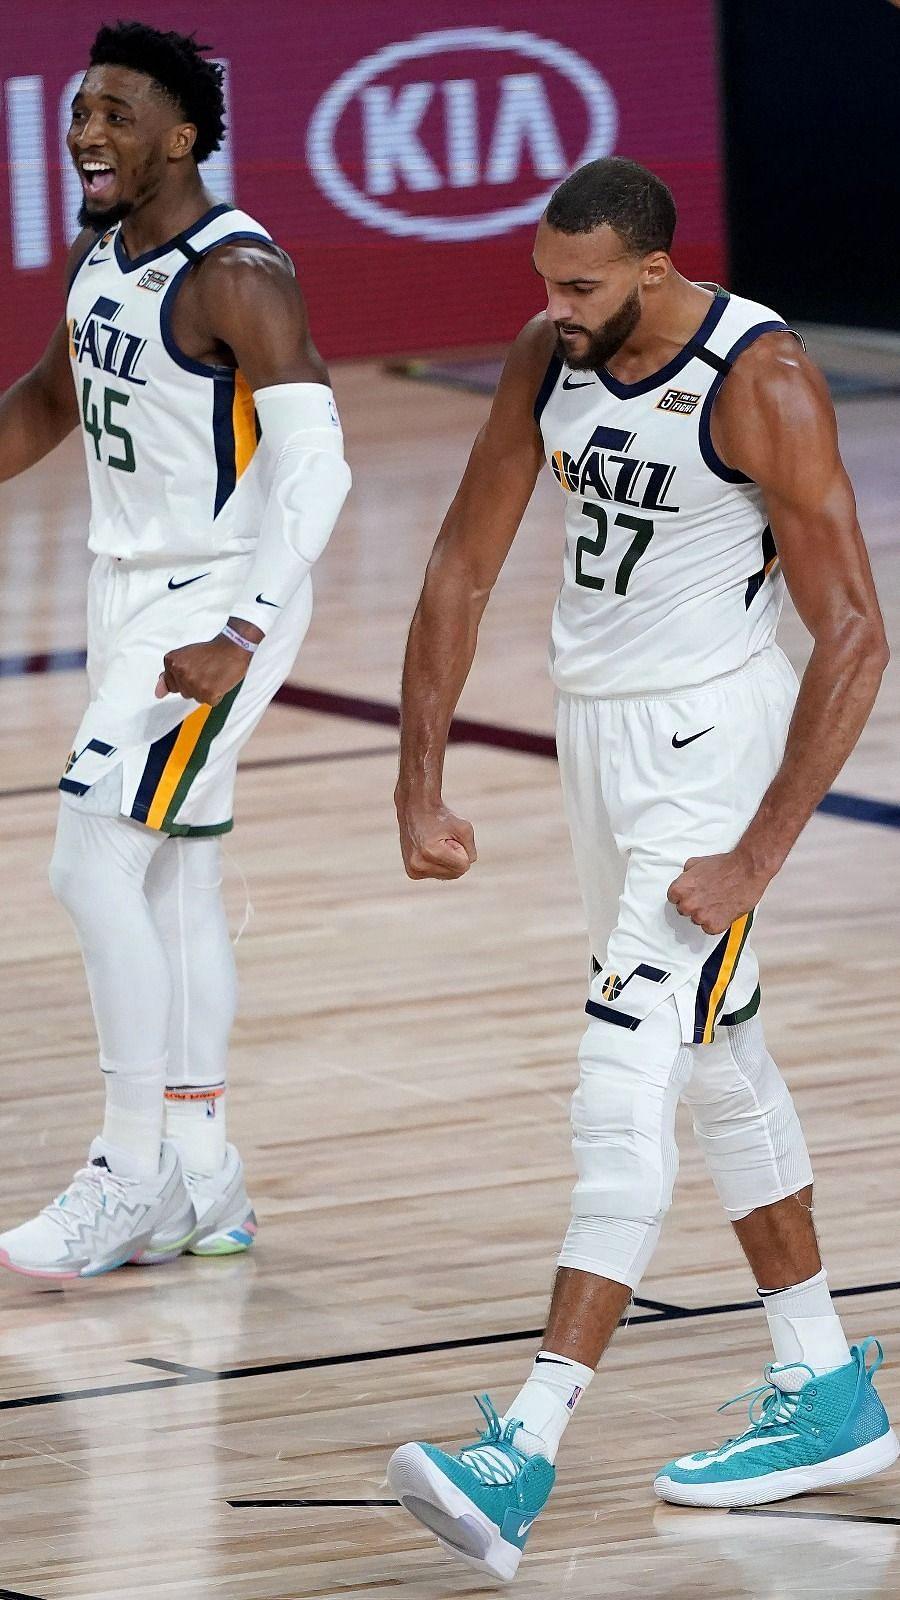 Utah Jazz Vs Miami Heat Injury Updates Predicted Lineups And Starting 5s February 26th 2021 Nba Season 2020 21